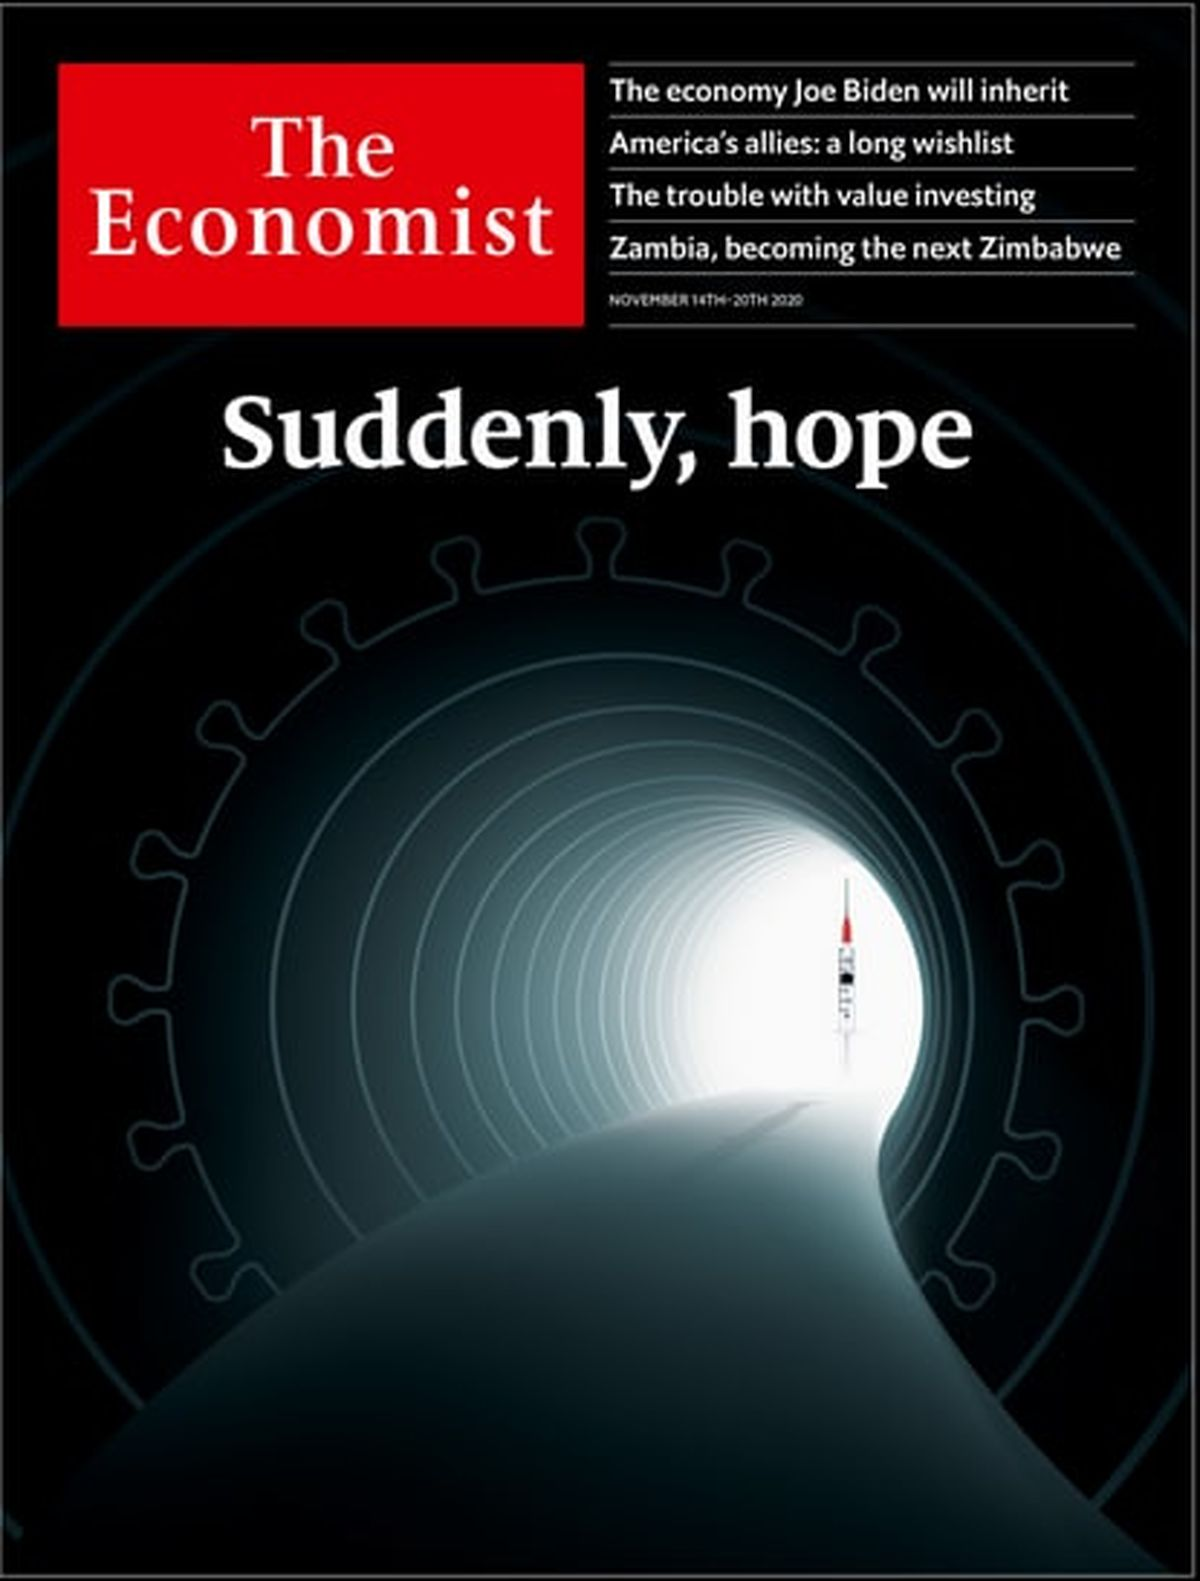 واکسن جدید کرونا؛ روی جلد اکونومیست